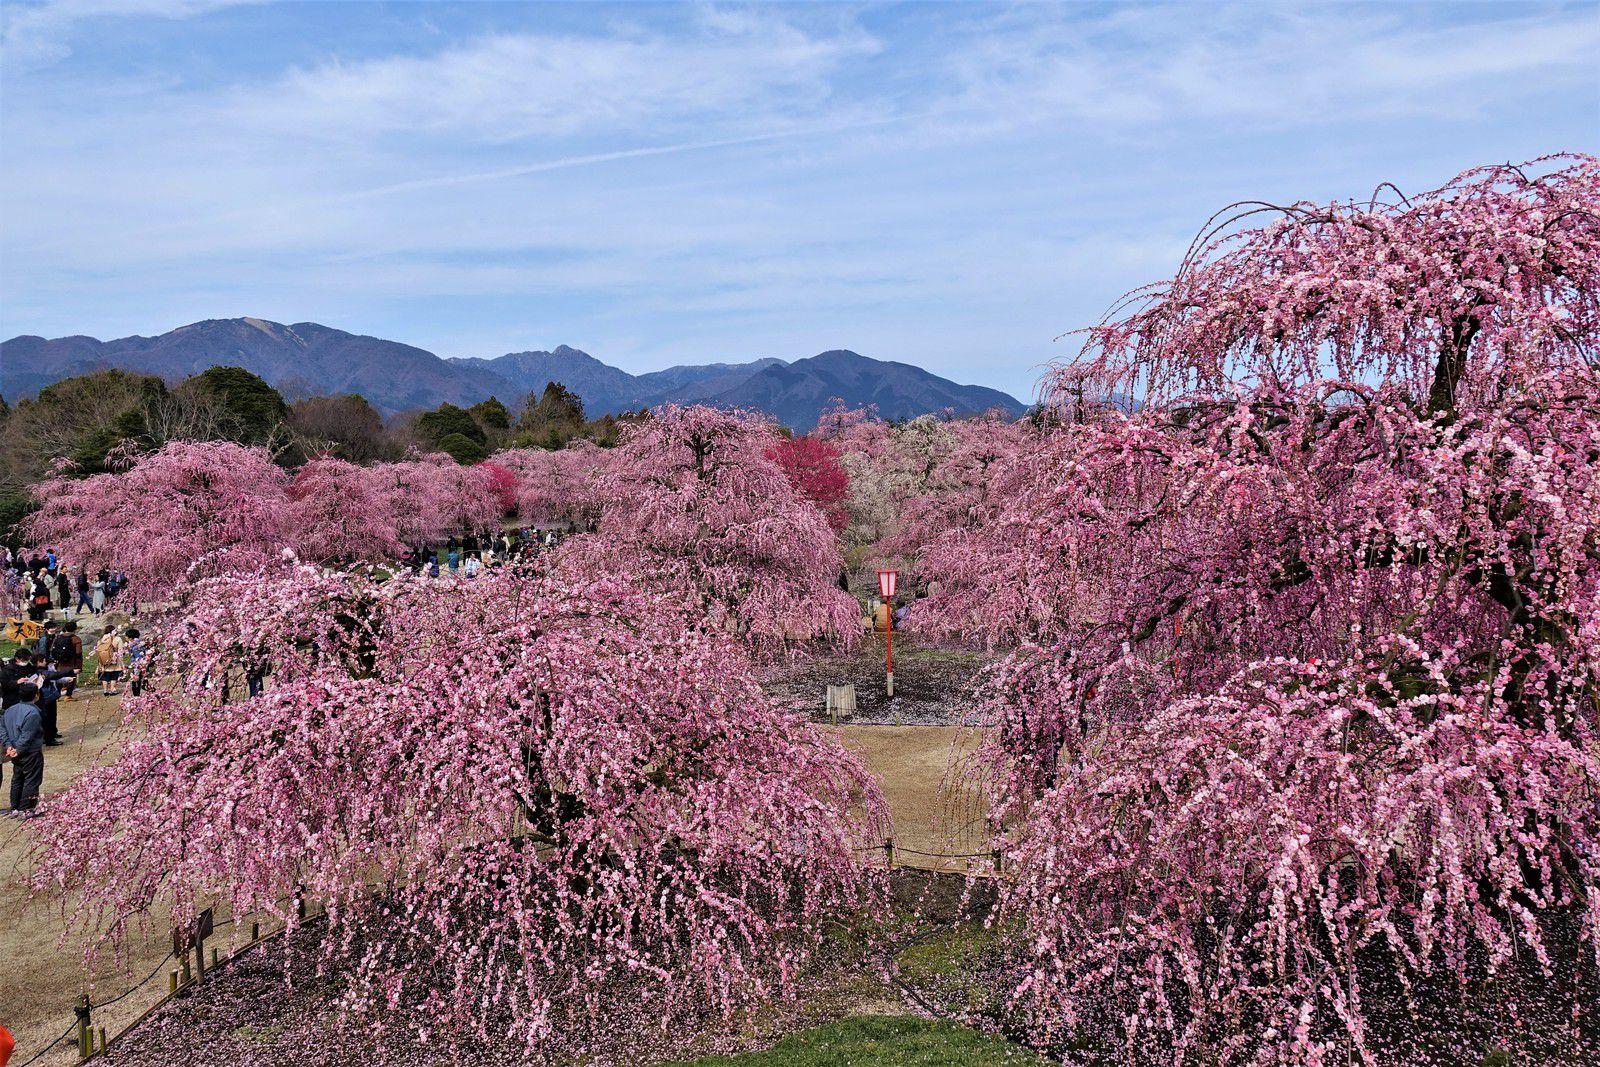 Festival des pruniers 2020 : Suzuka Forest Garden